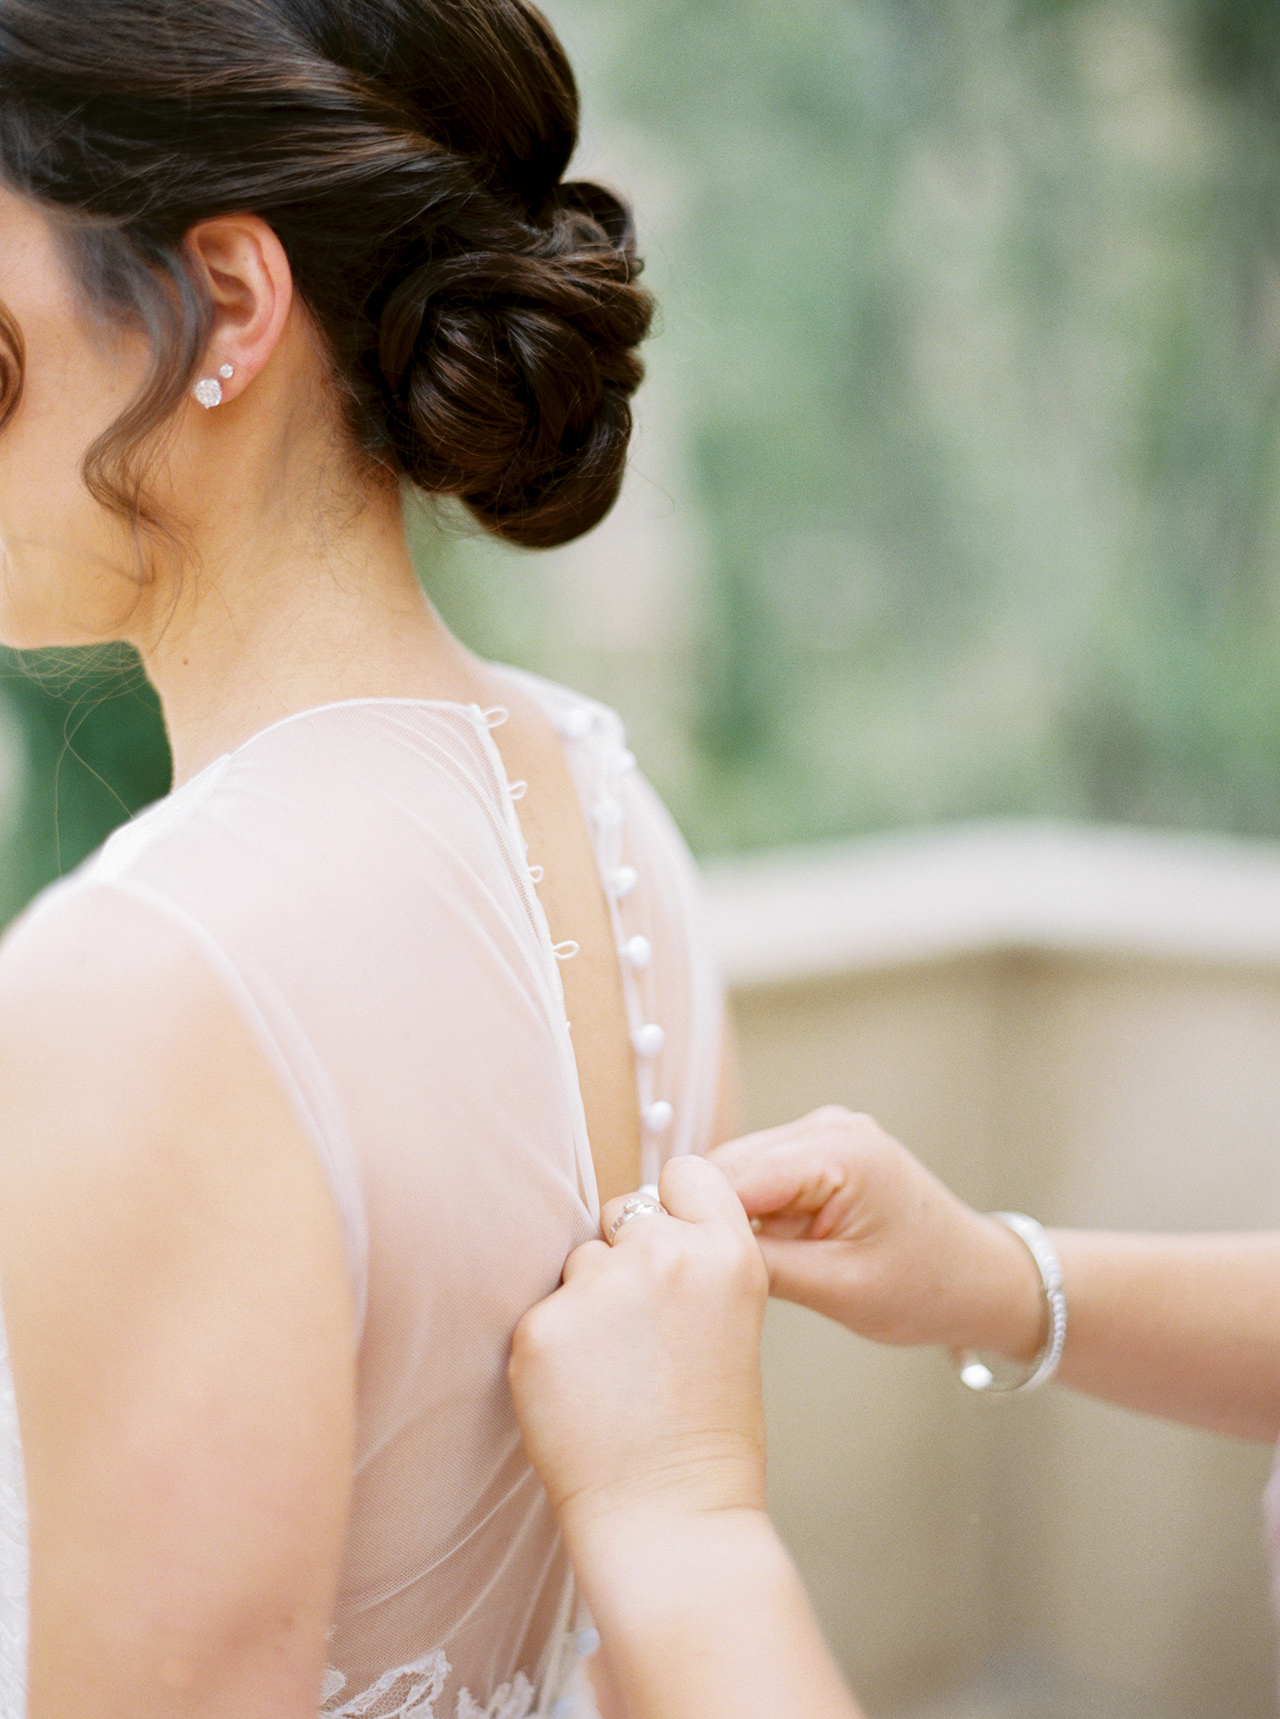 brides wedding dress illusion neckline button down back